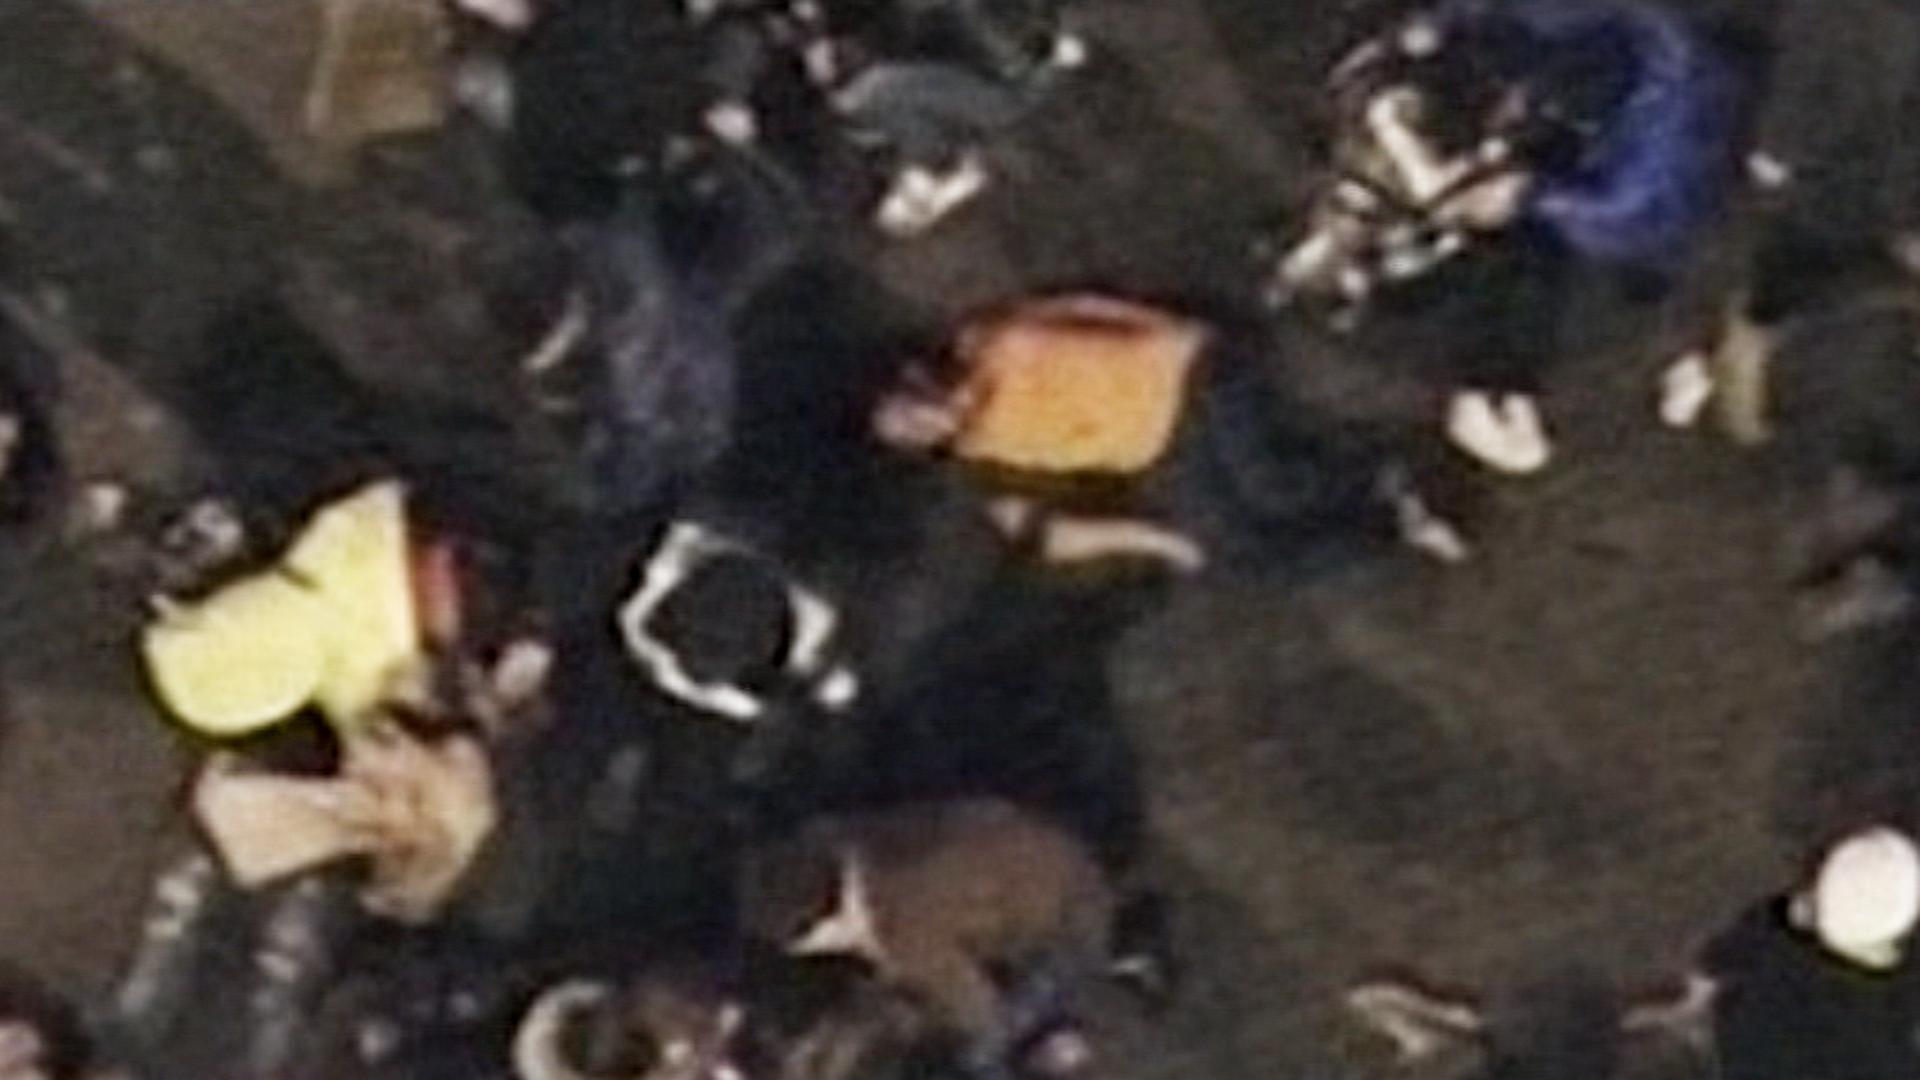 Relatives Speak Out After Shanghai Stampede Kills 36